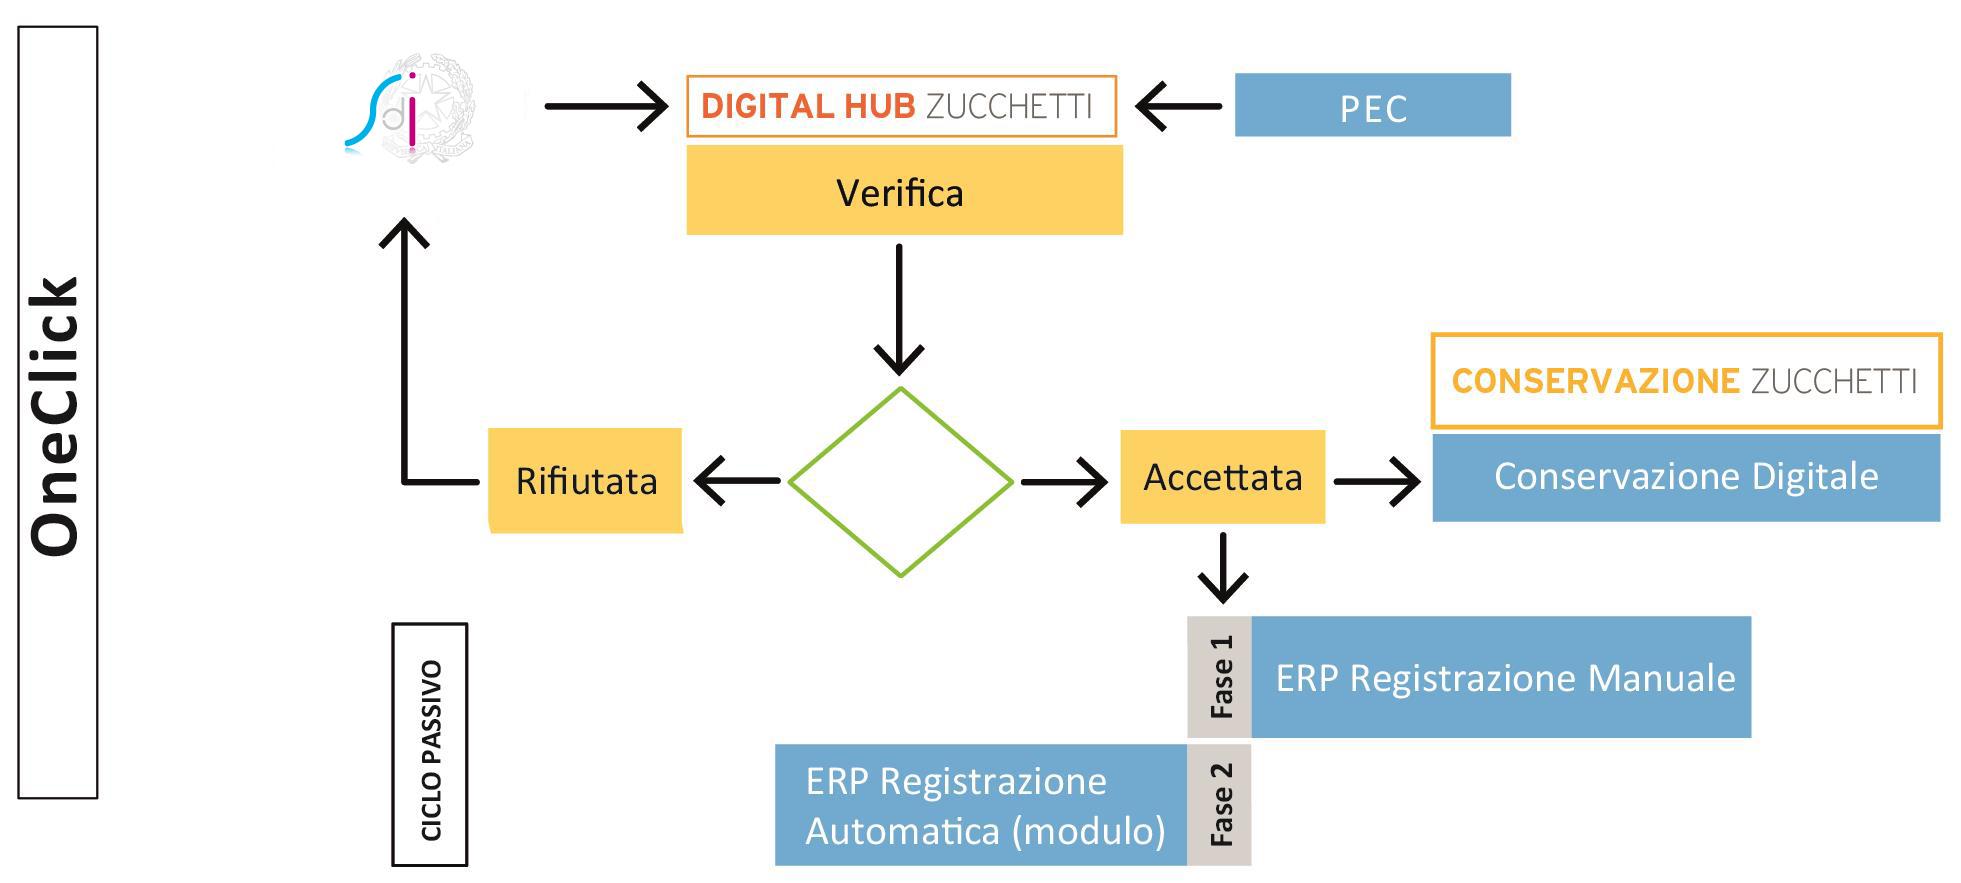 digital hub zucchetti